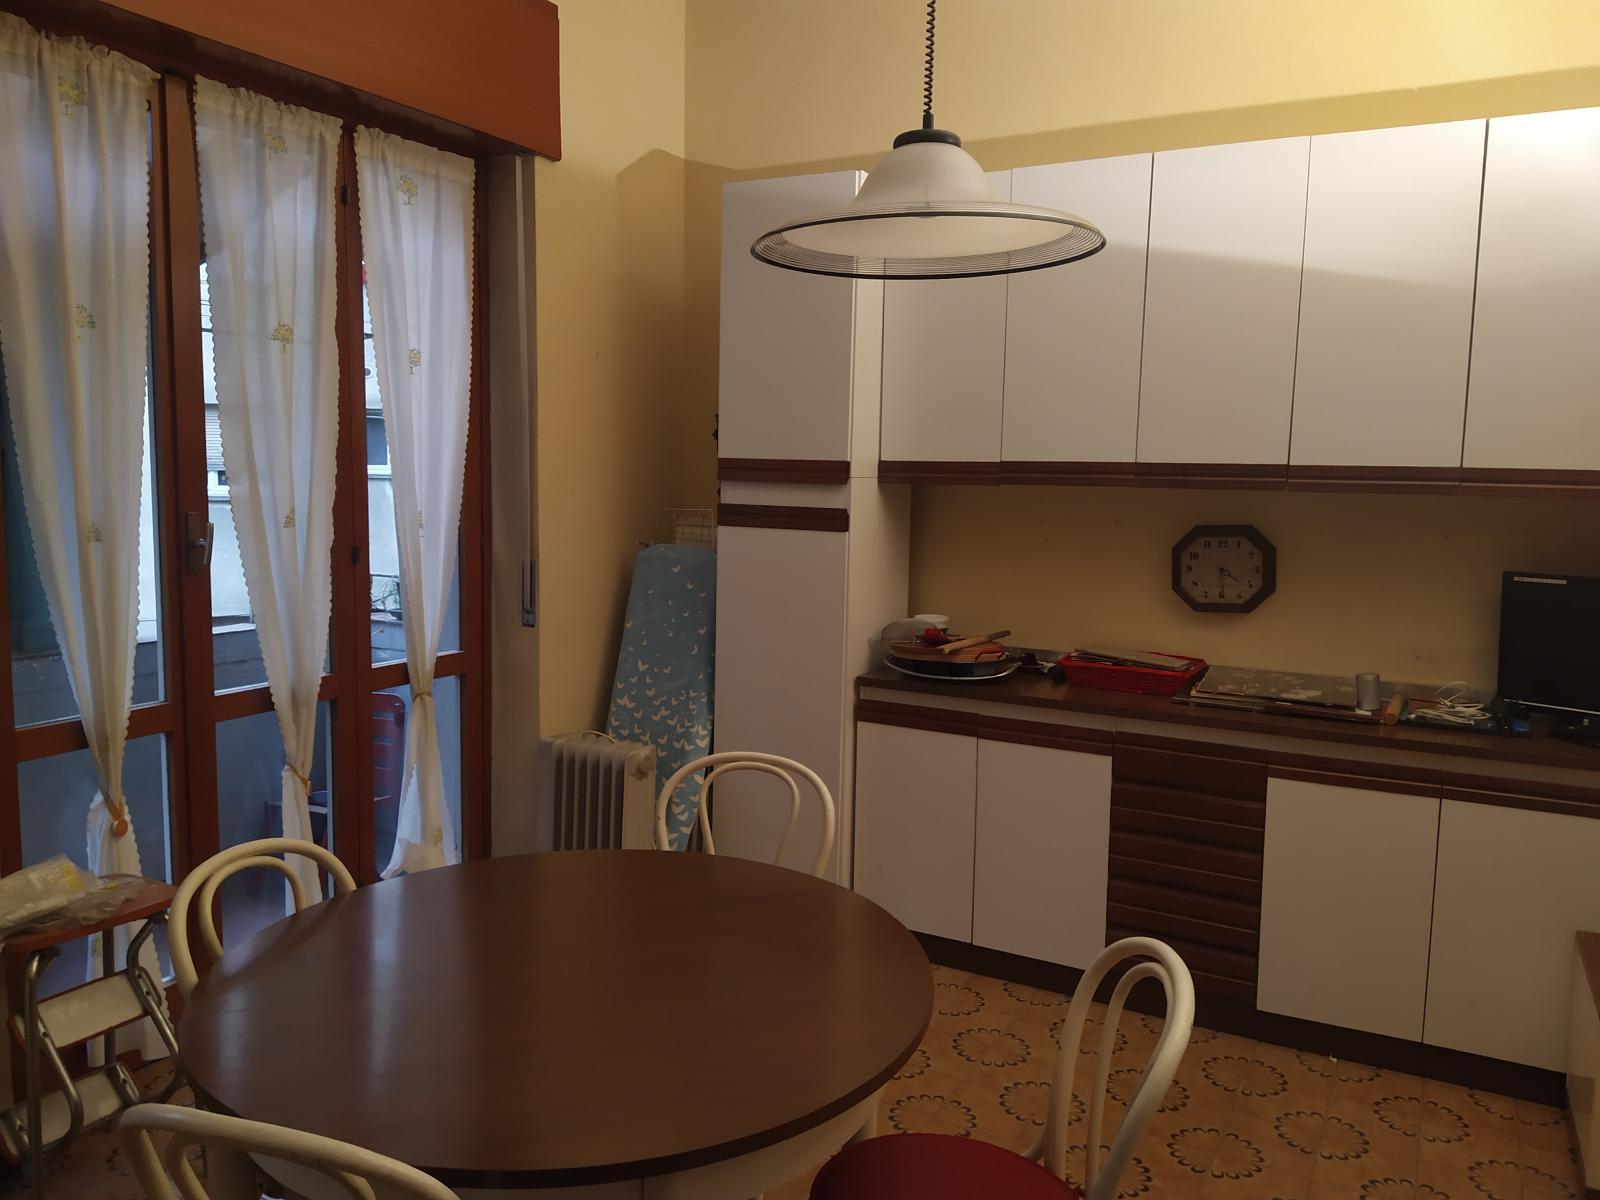 appartamento-in-vendita-piazza-seminunte-tre-locali-milano-da-ristrutturare-spaziourbano-immobiliare-dove-trovi-casa-23